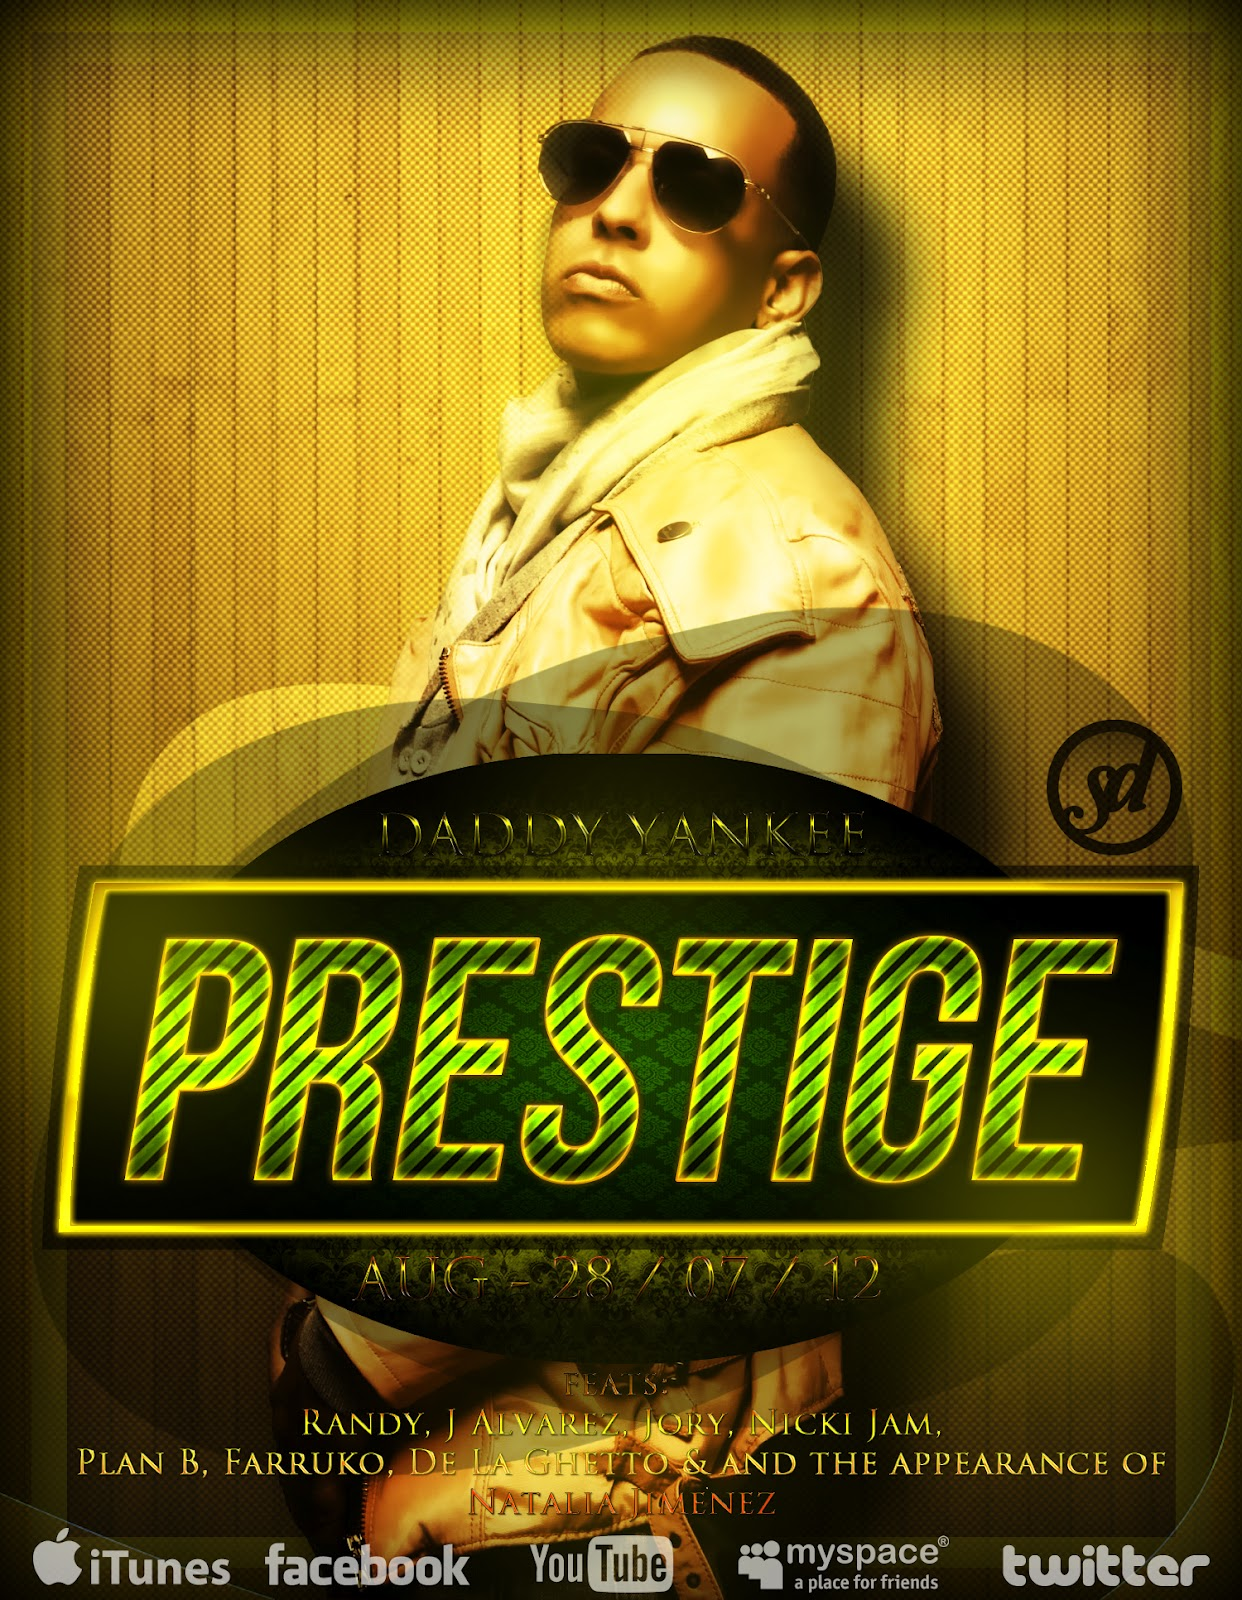 Musica Daddy Yankee Canciones gratis - Descargar MP3